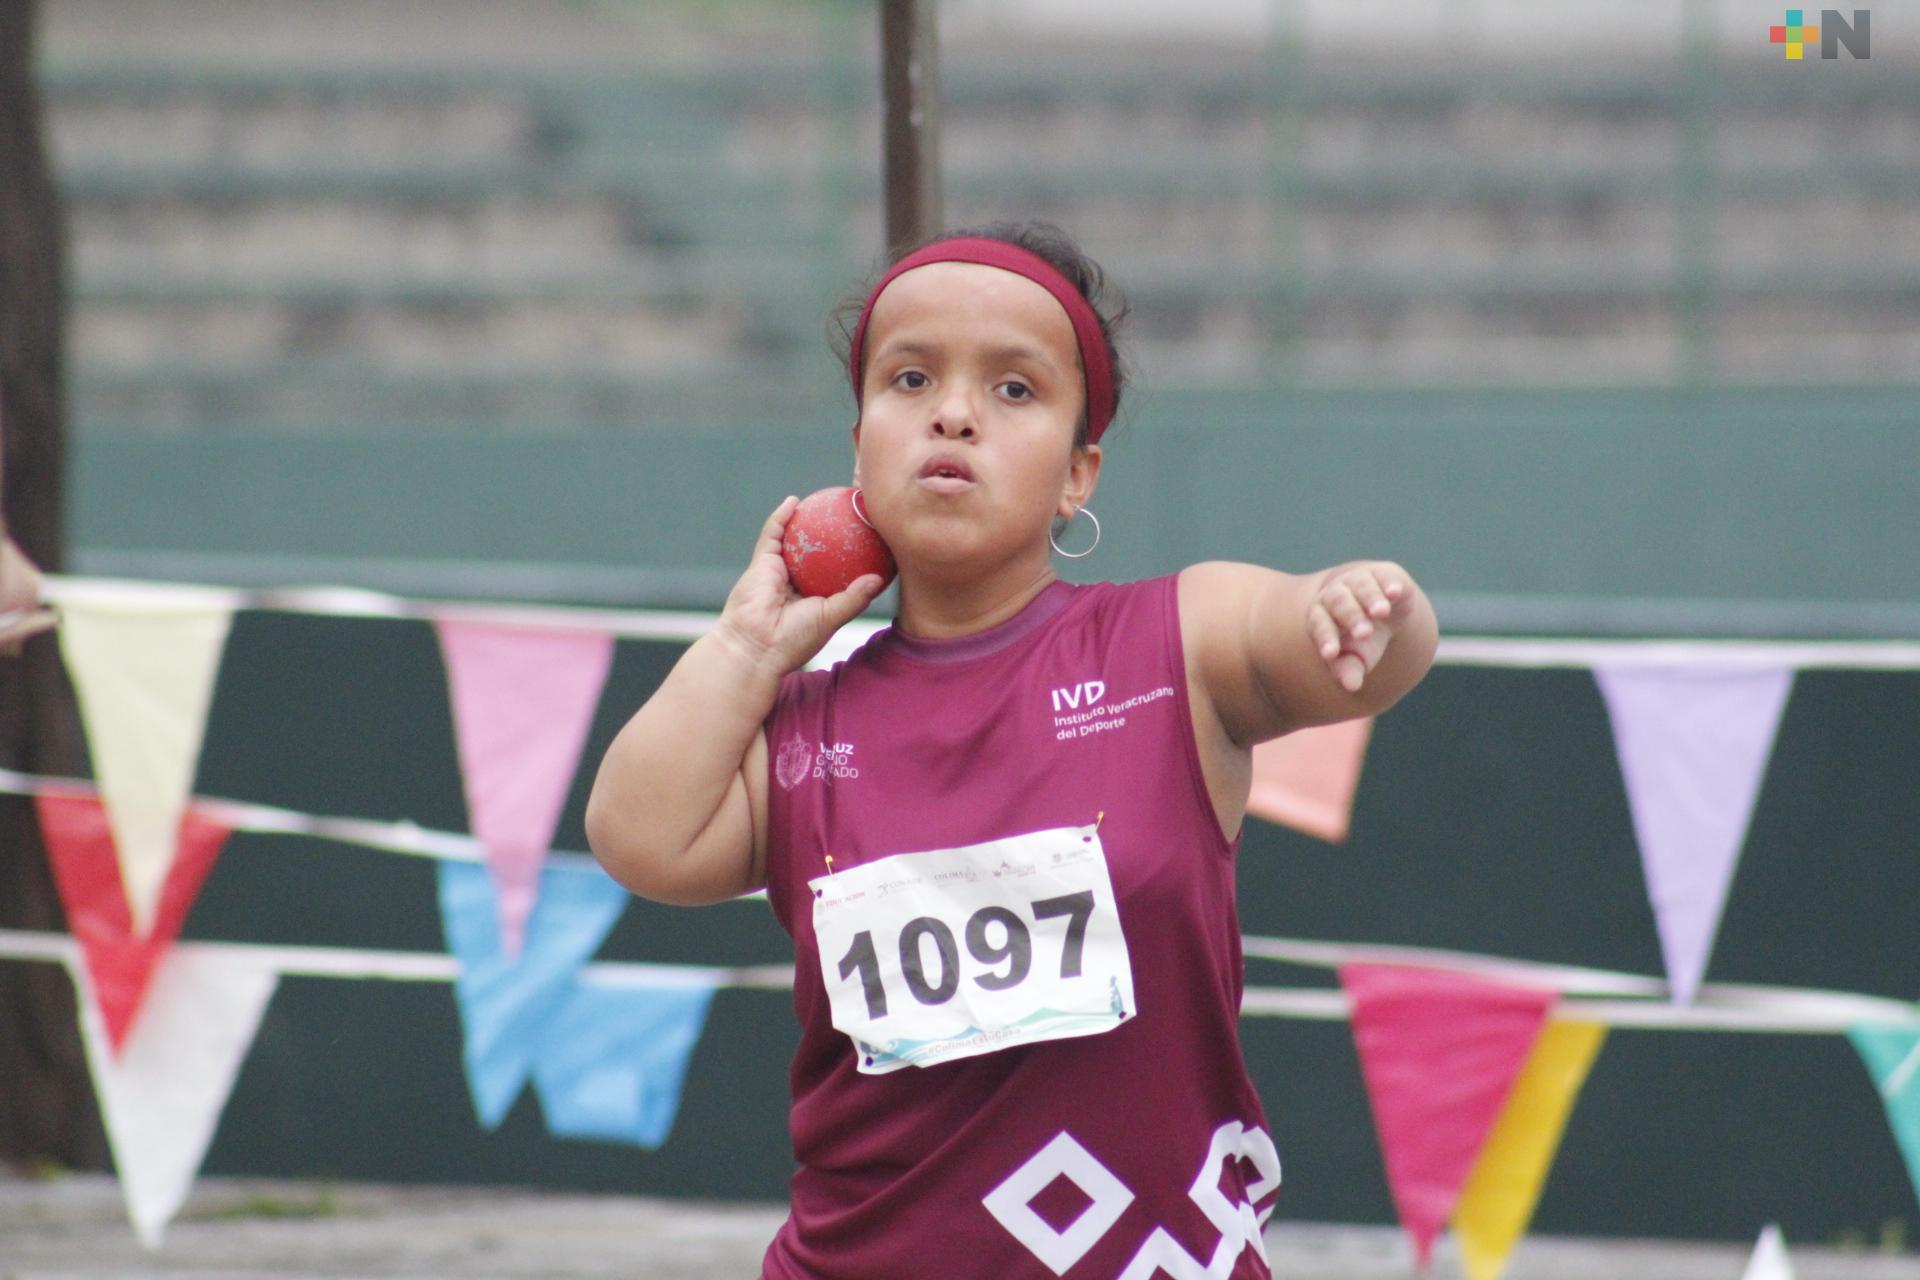 Veracruz suma 17 oros en Paraatletismo en Colima